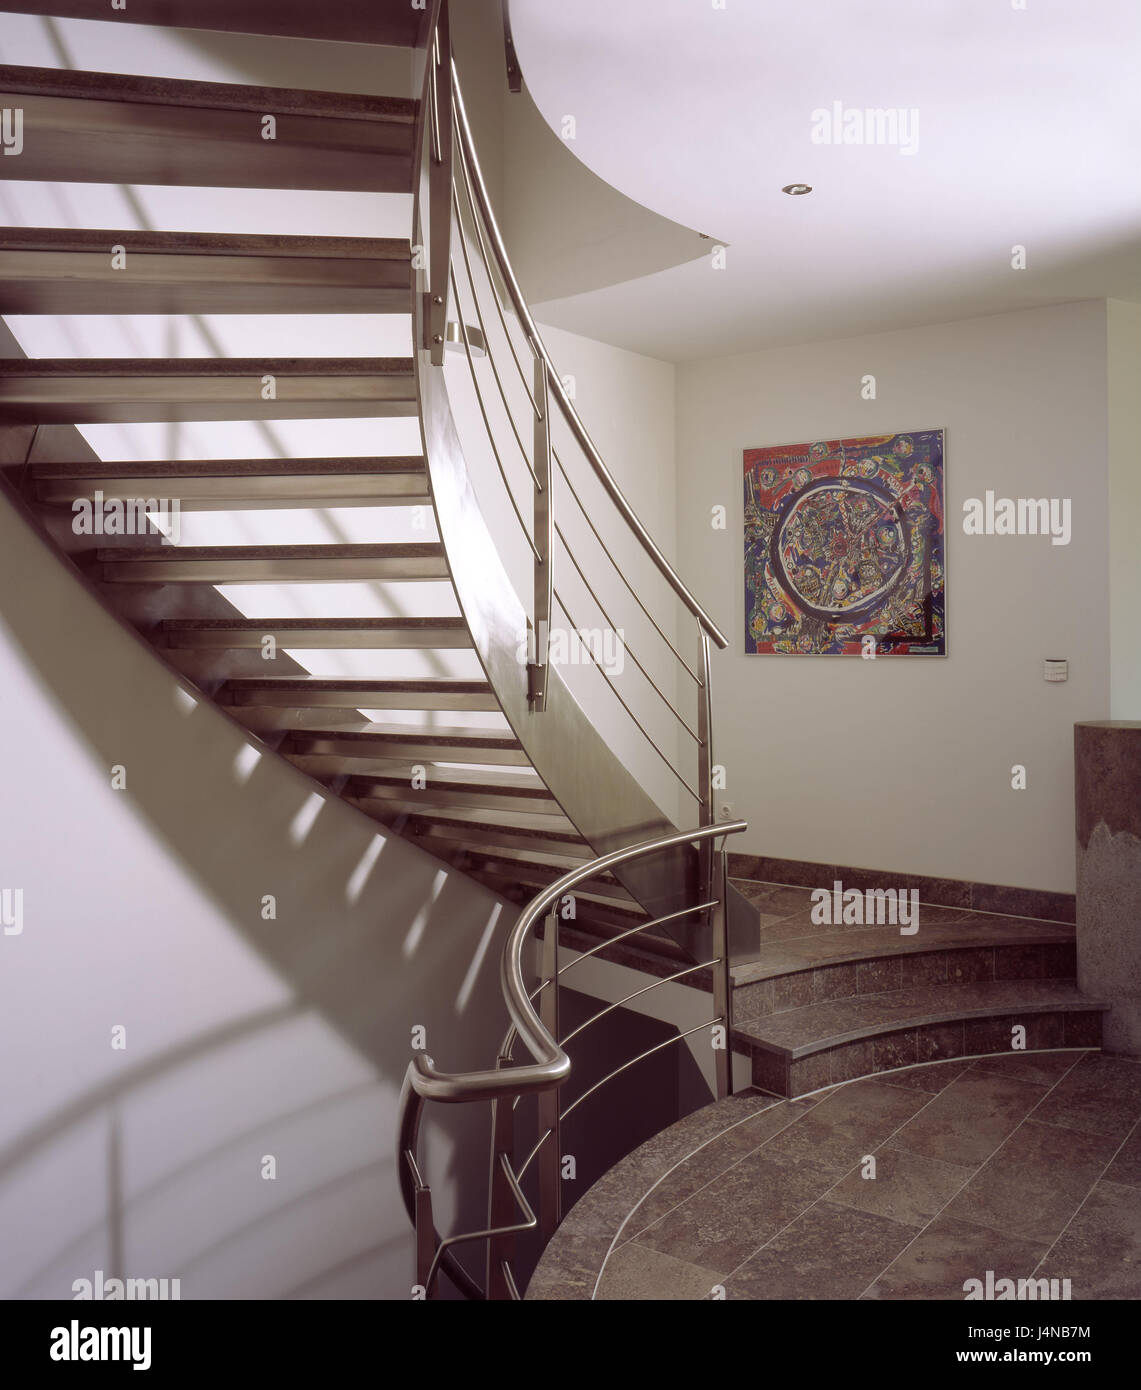 Einfamilienhaus Treppenhaus Wohnhaus Haus Treppen Steigen Stahl